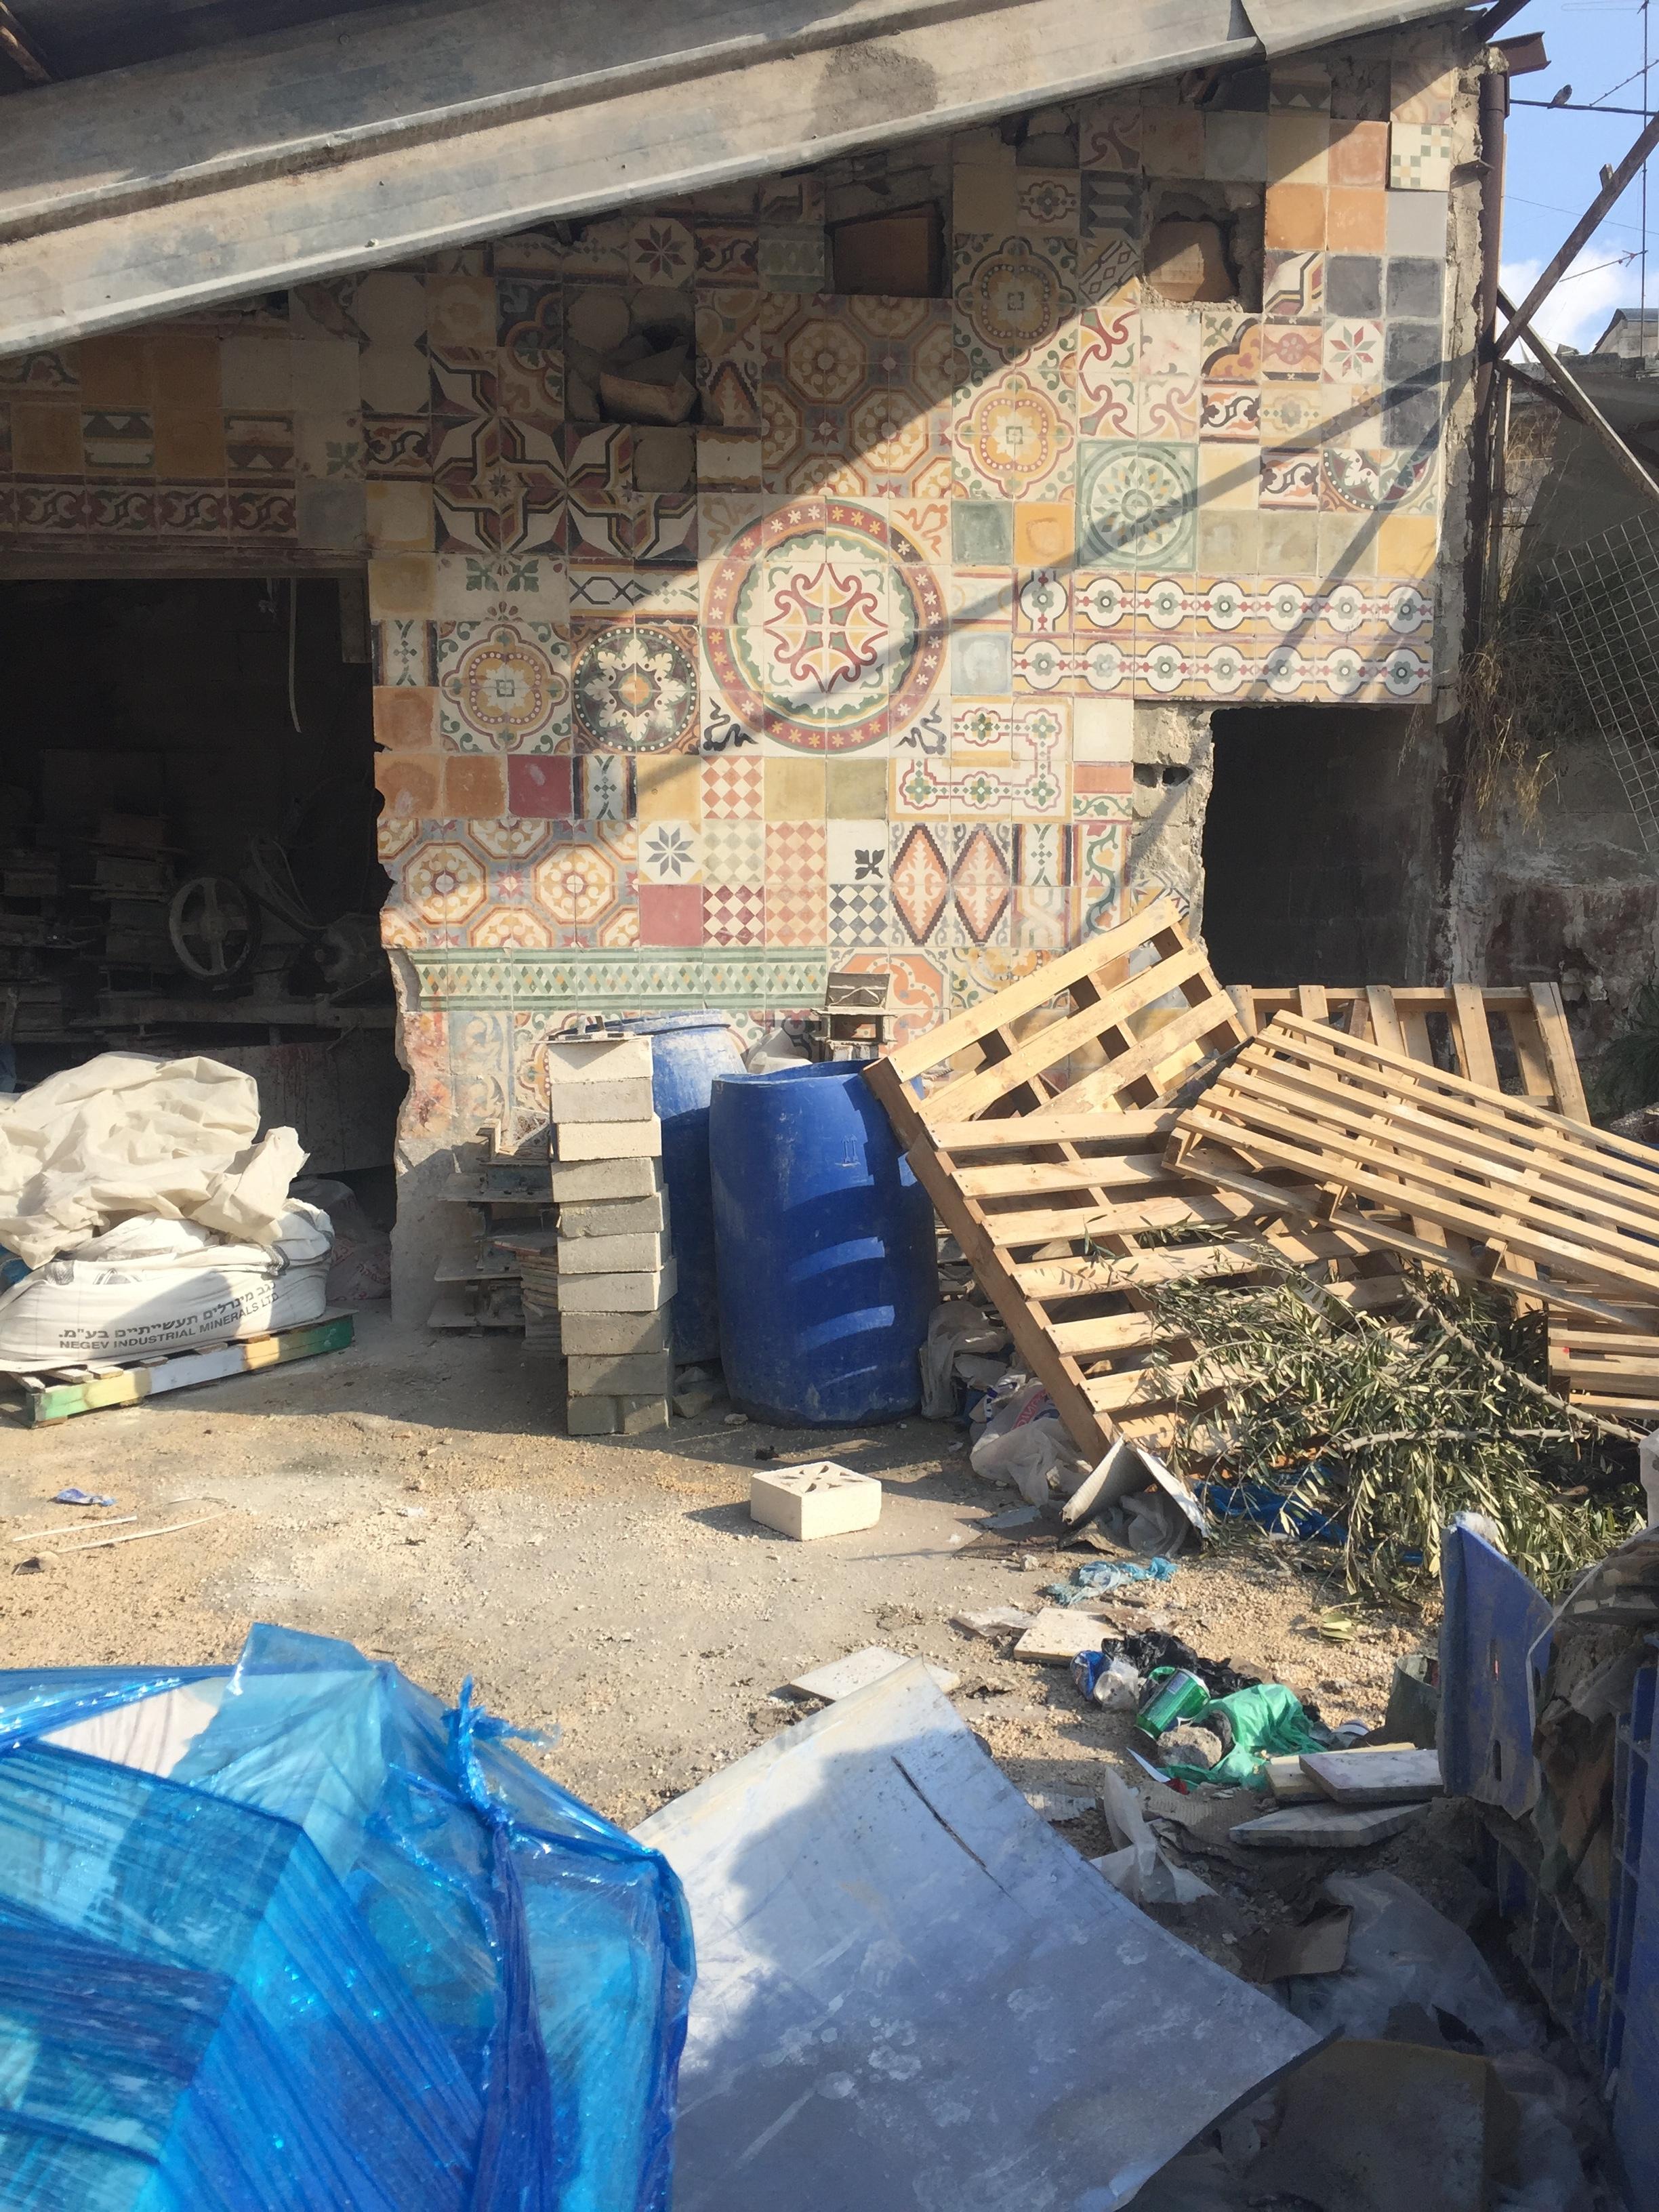 Try Wonder Erasmus Exchange Israel - Nablus in 10 Images 8 - traditional encaustic tile factory